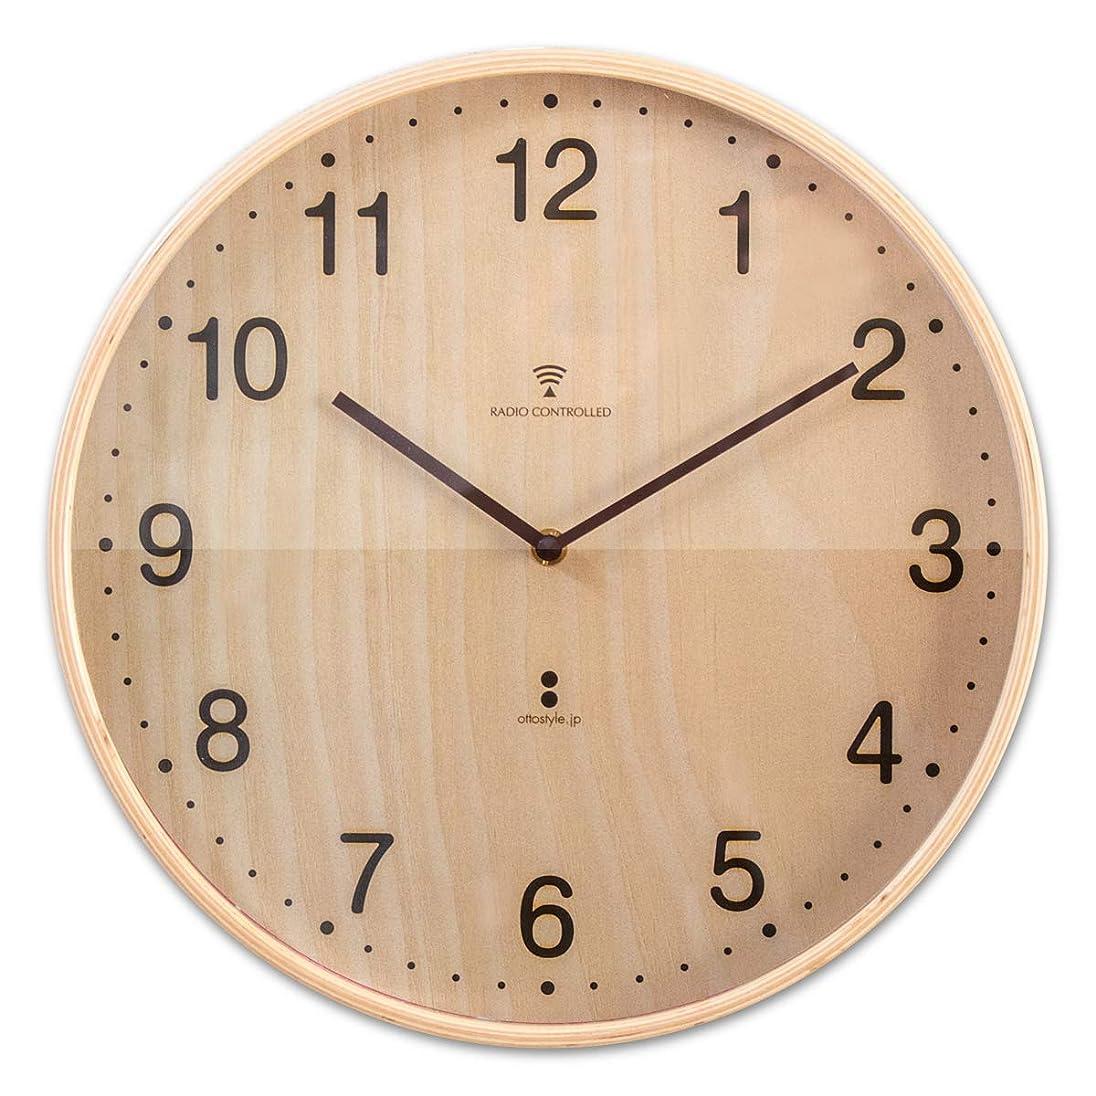 膿瘍効能ある外出置き時計 デジタル時計 目覚まし時計 クロック ミラー機能 LED大画面 温度湿度計 卓上時計 ベッドサイドクロック USB/電池給電 大音量 多機能